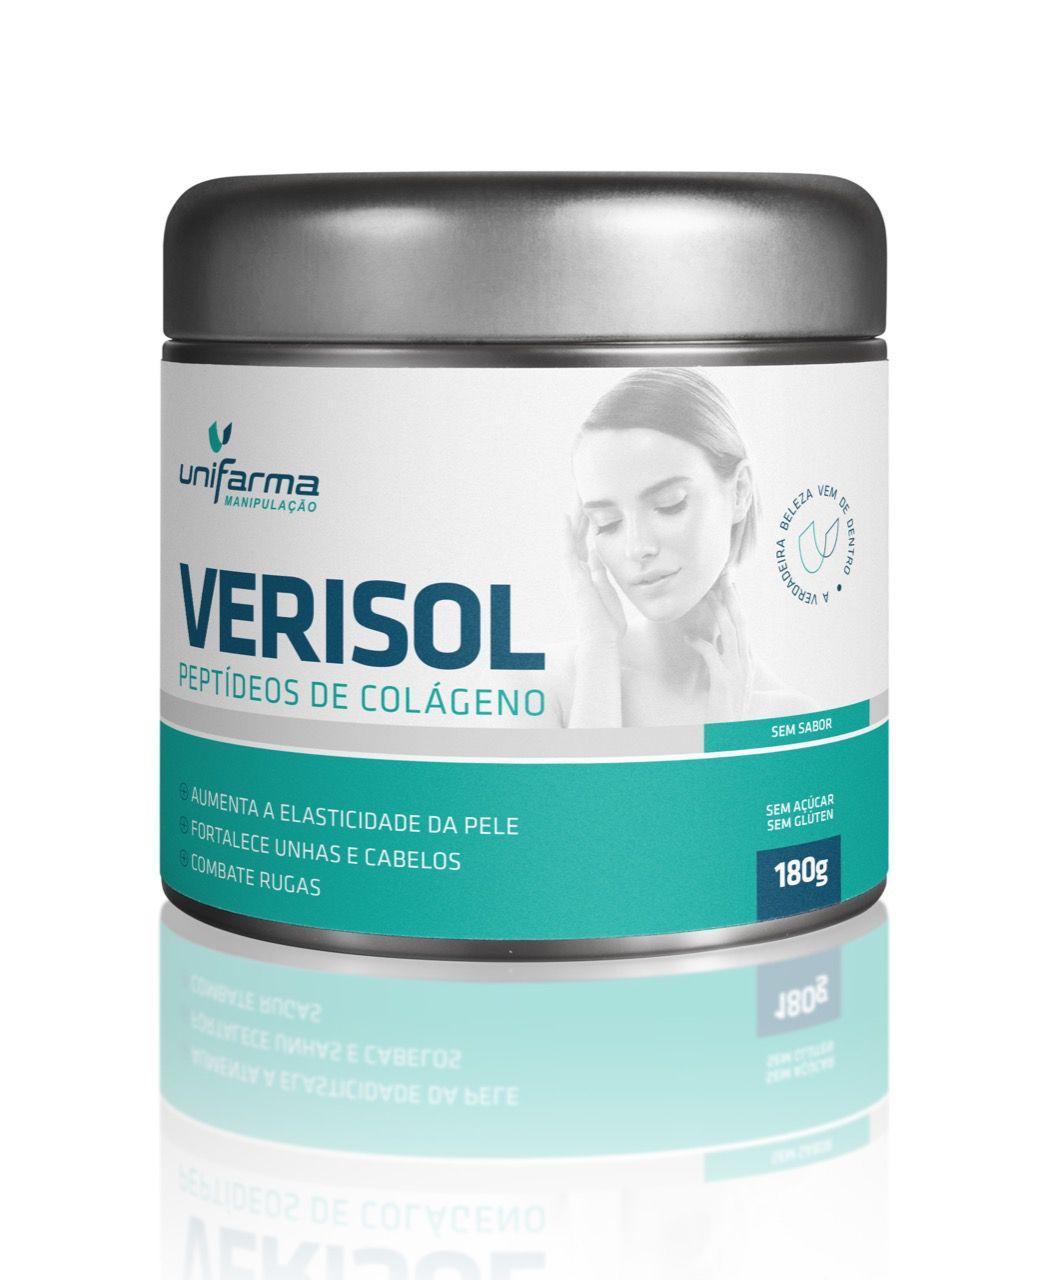 Verisol 2,5 gramas - 150 gr